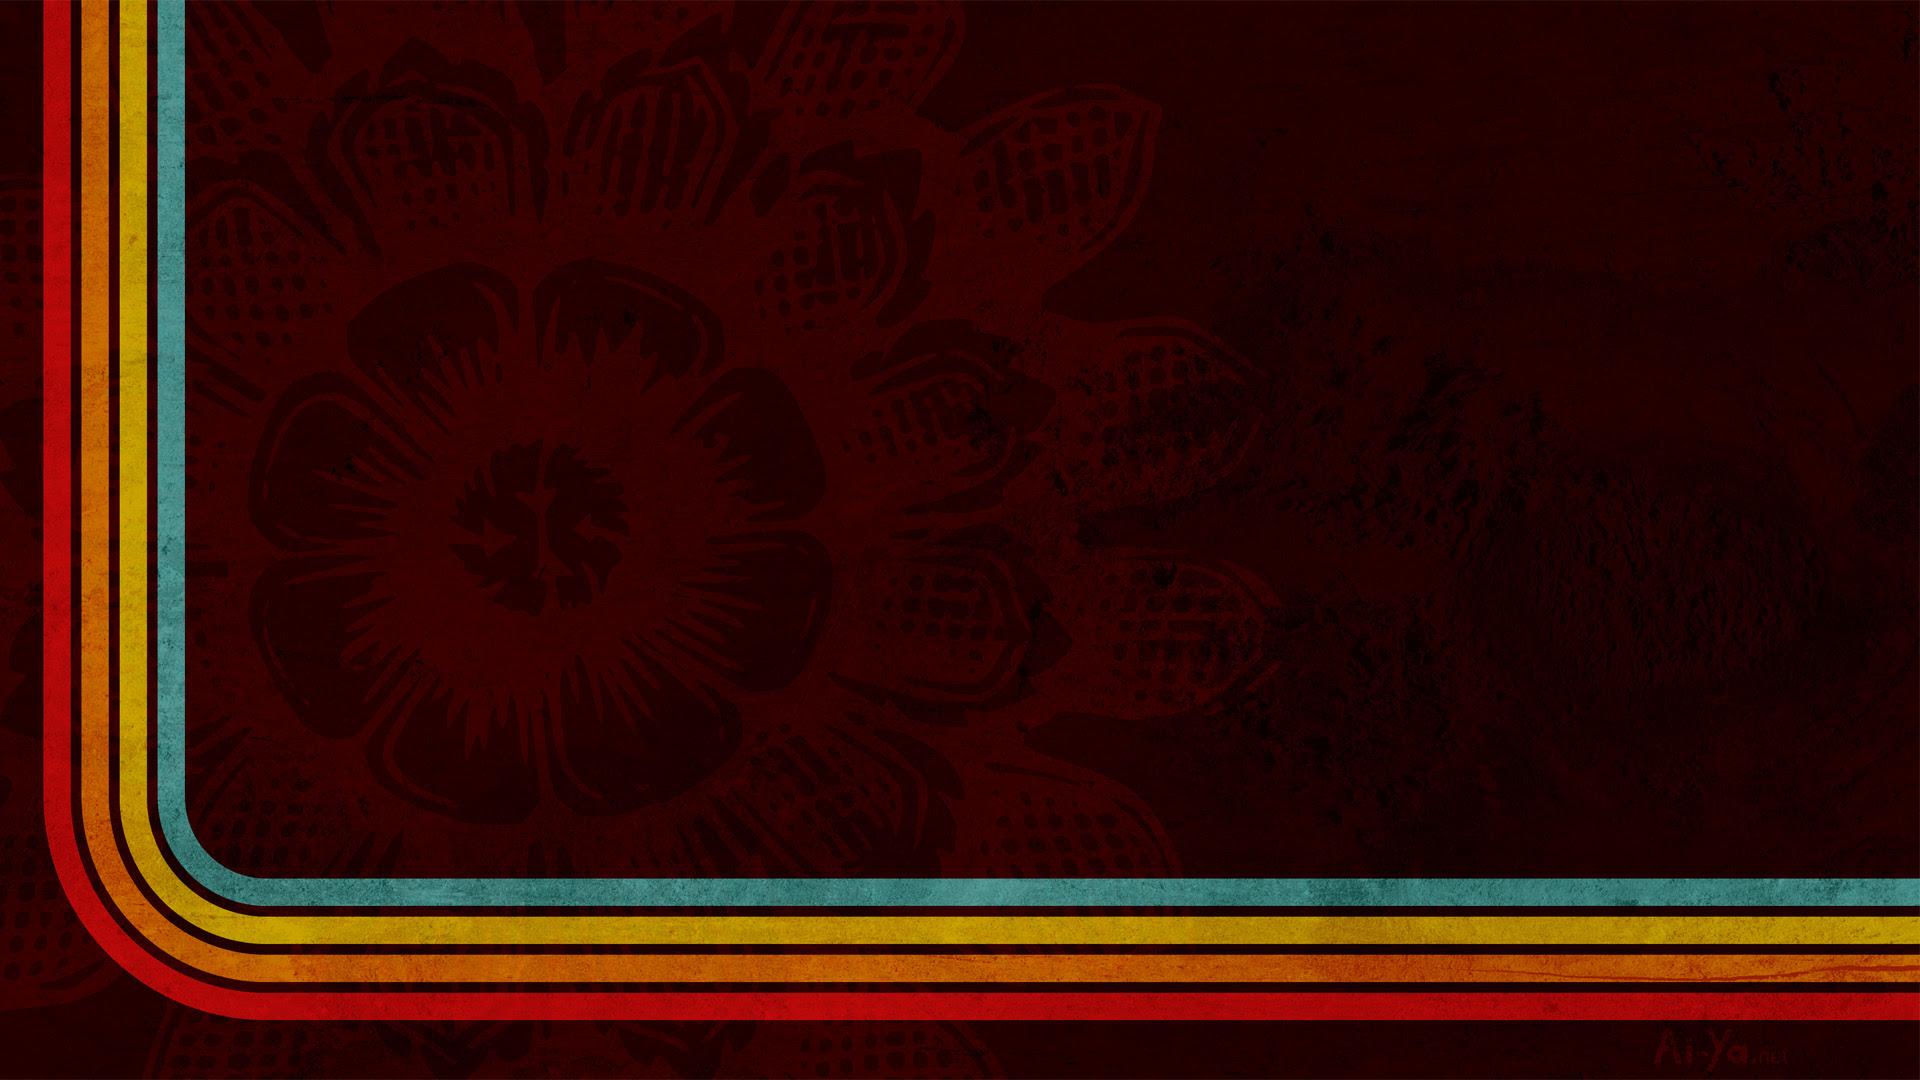 Retro wallpaper | 1920x1080 | #40327